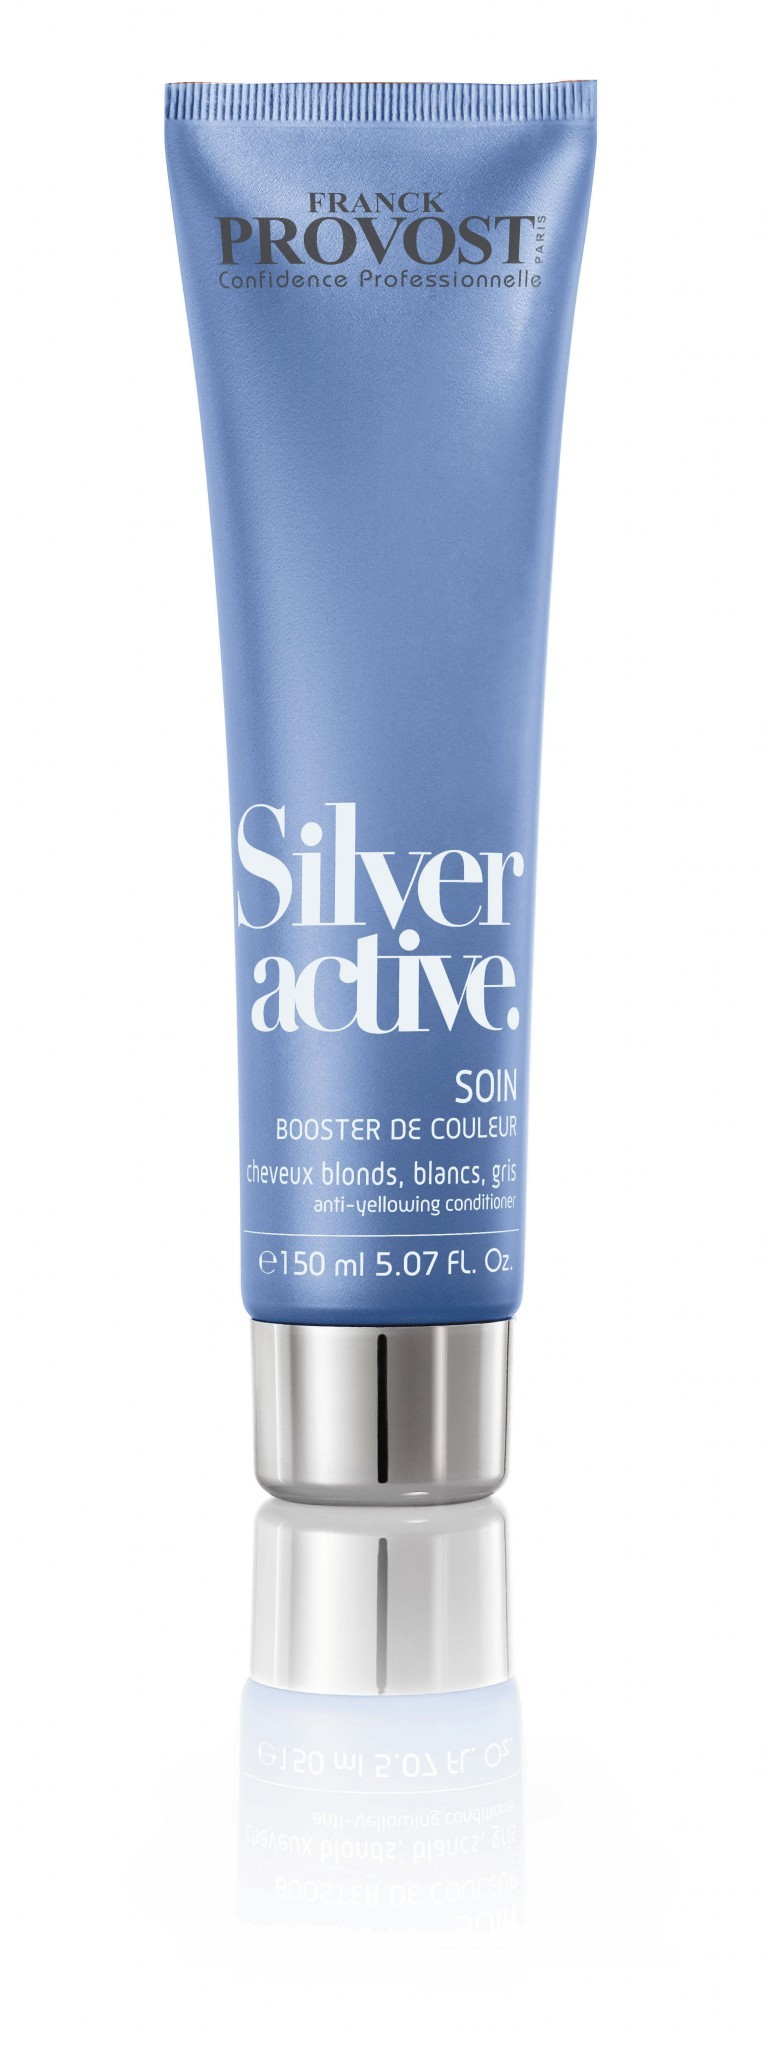 Silver Active Soin - 19,90€